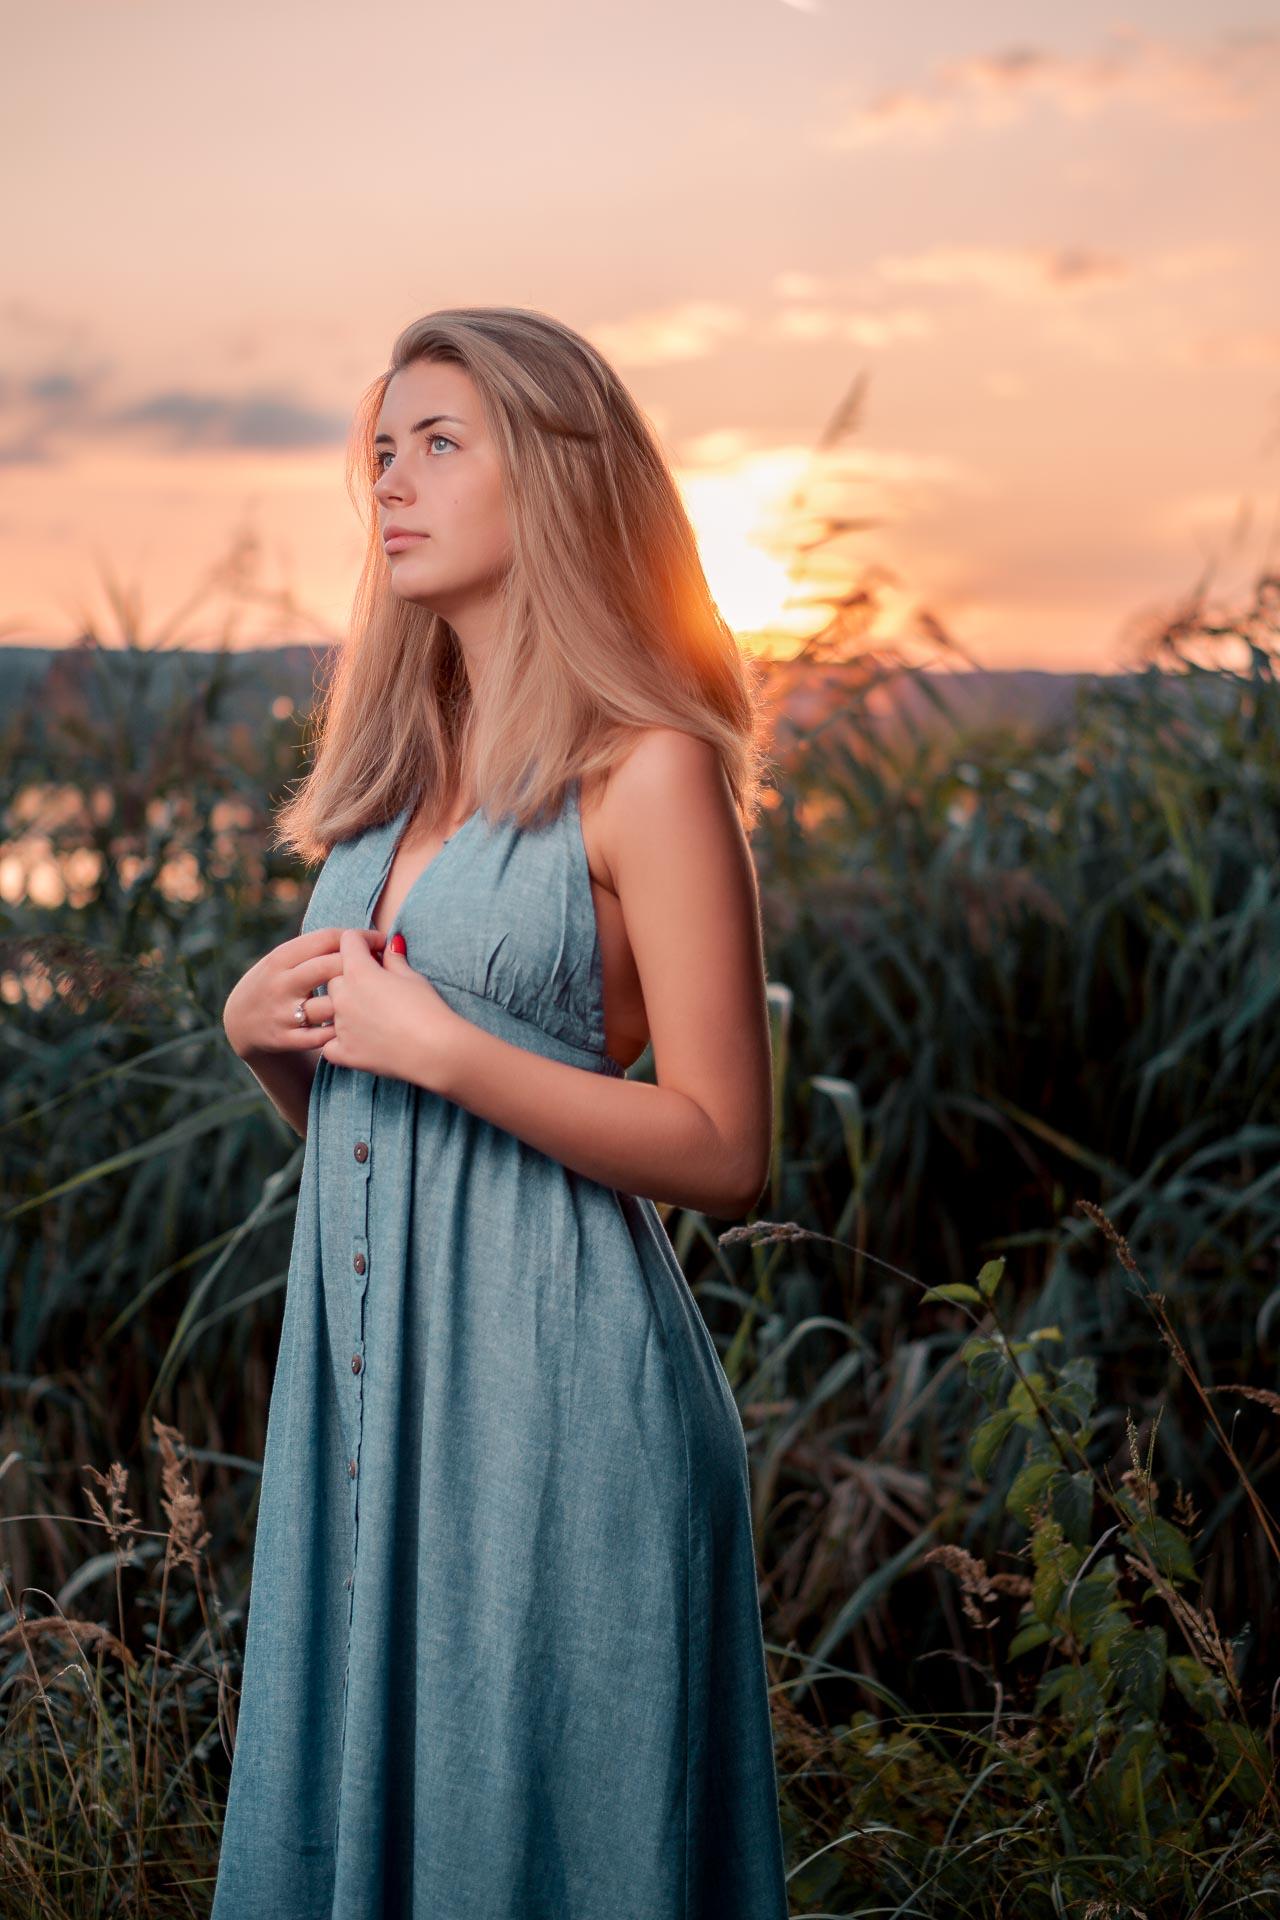 Sophie vor der Sonne stehend